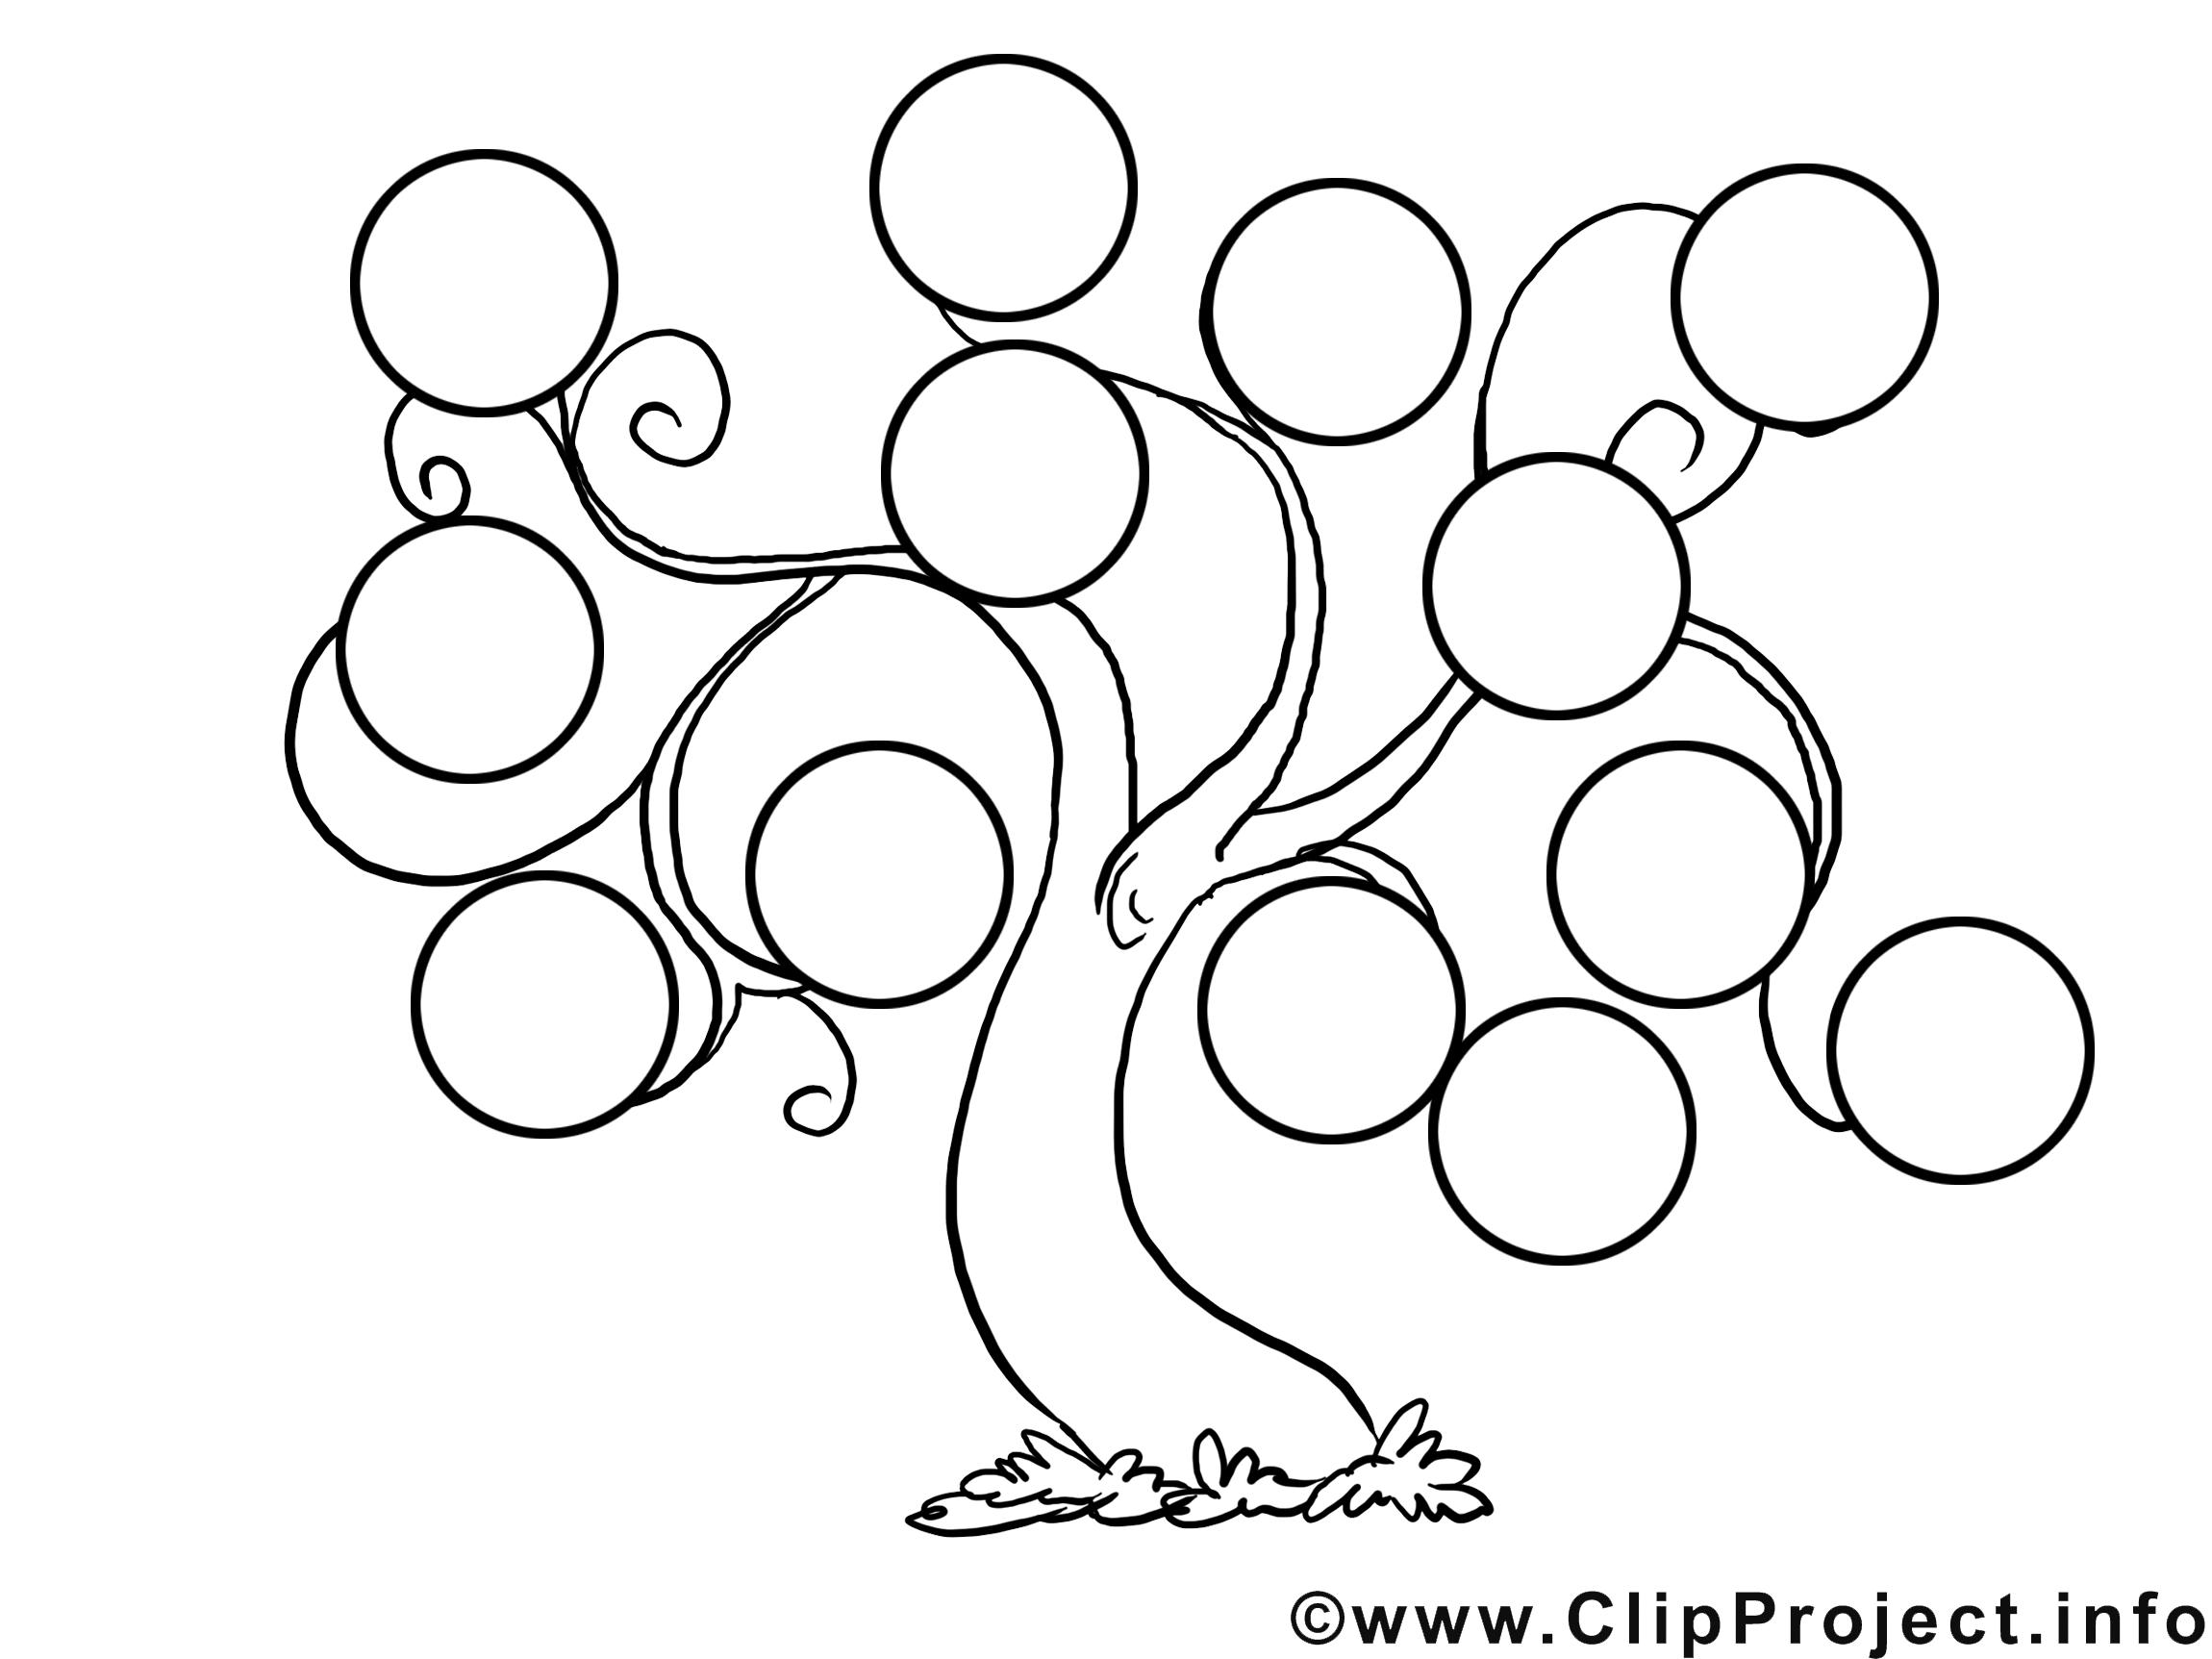 Dessin gratuit arbre généalogique image